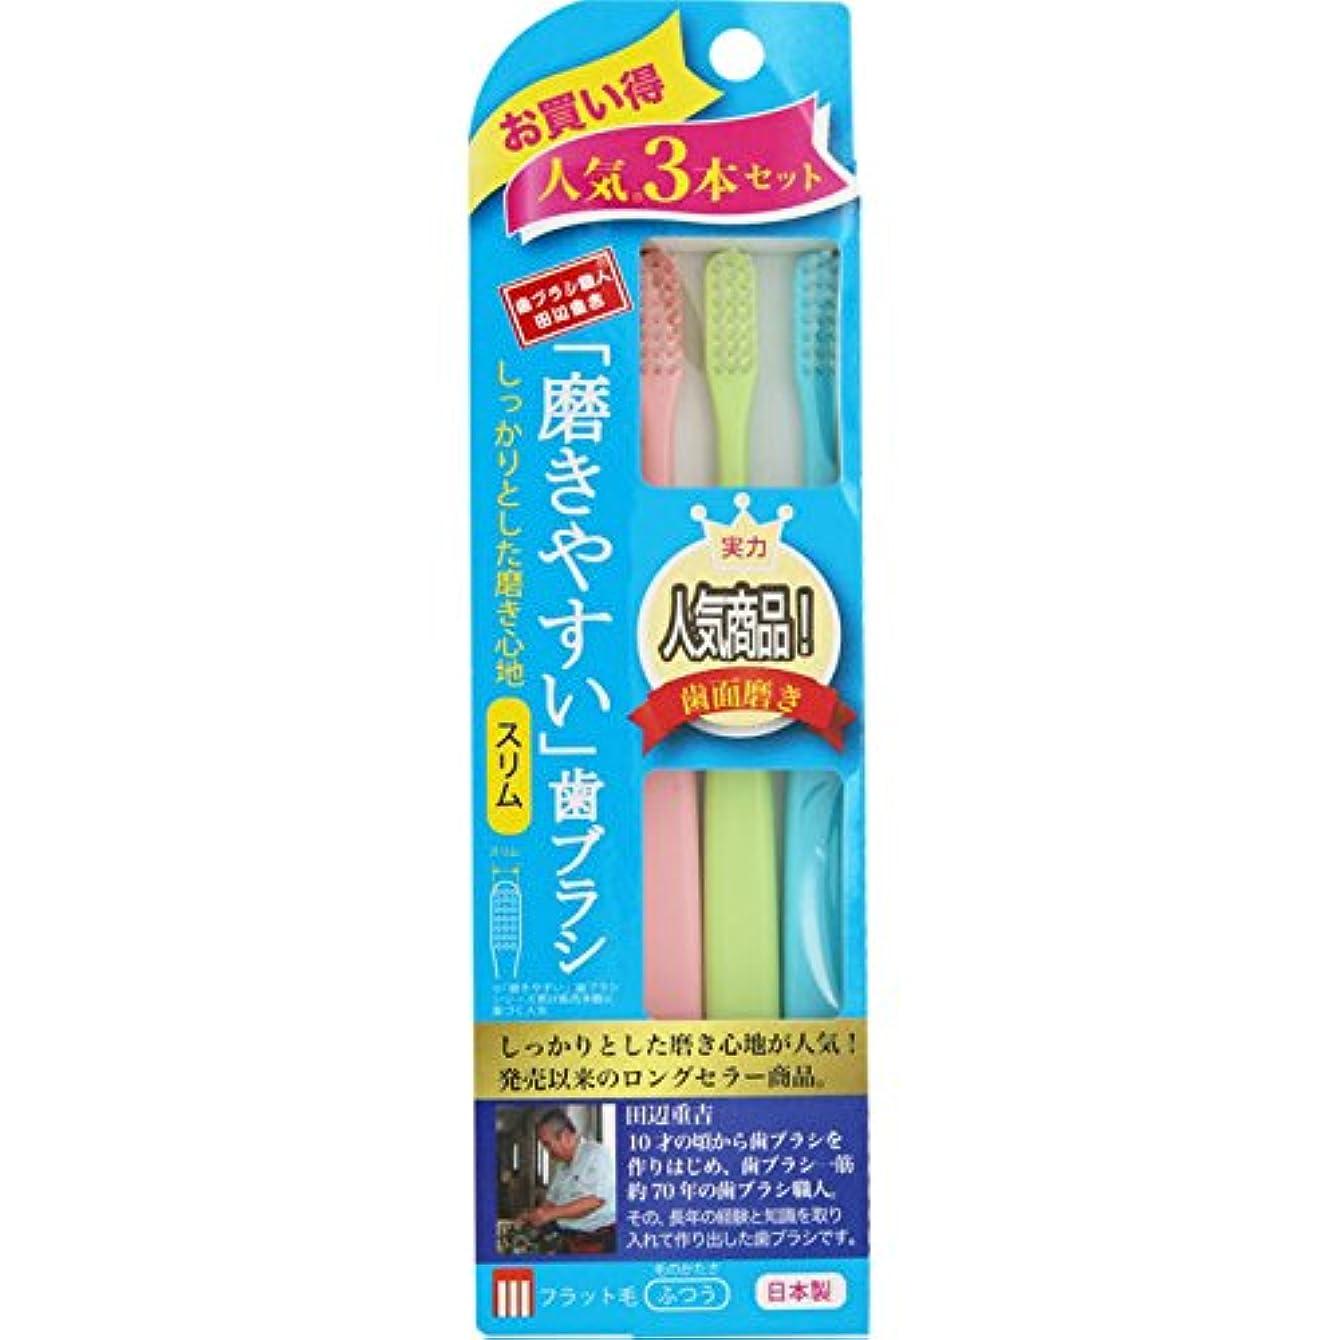 休憩する不調和不満磨きやすい歯ブラシ フラット毛 スリム 3本組